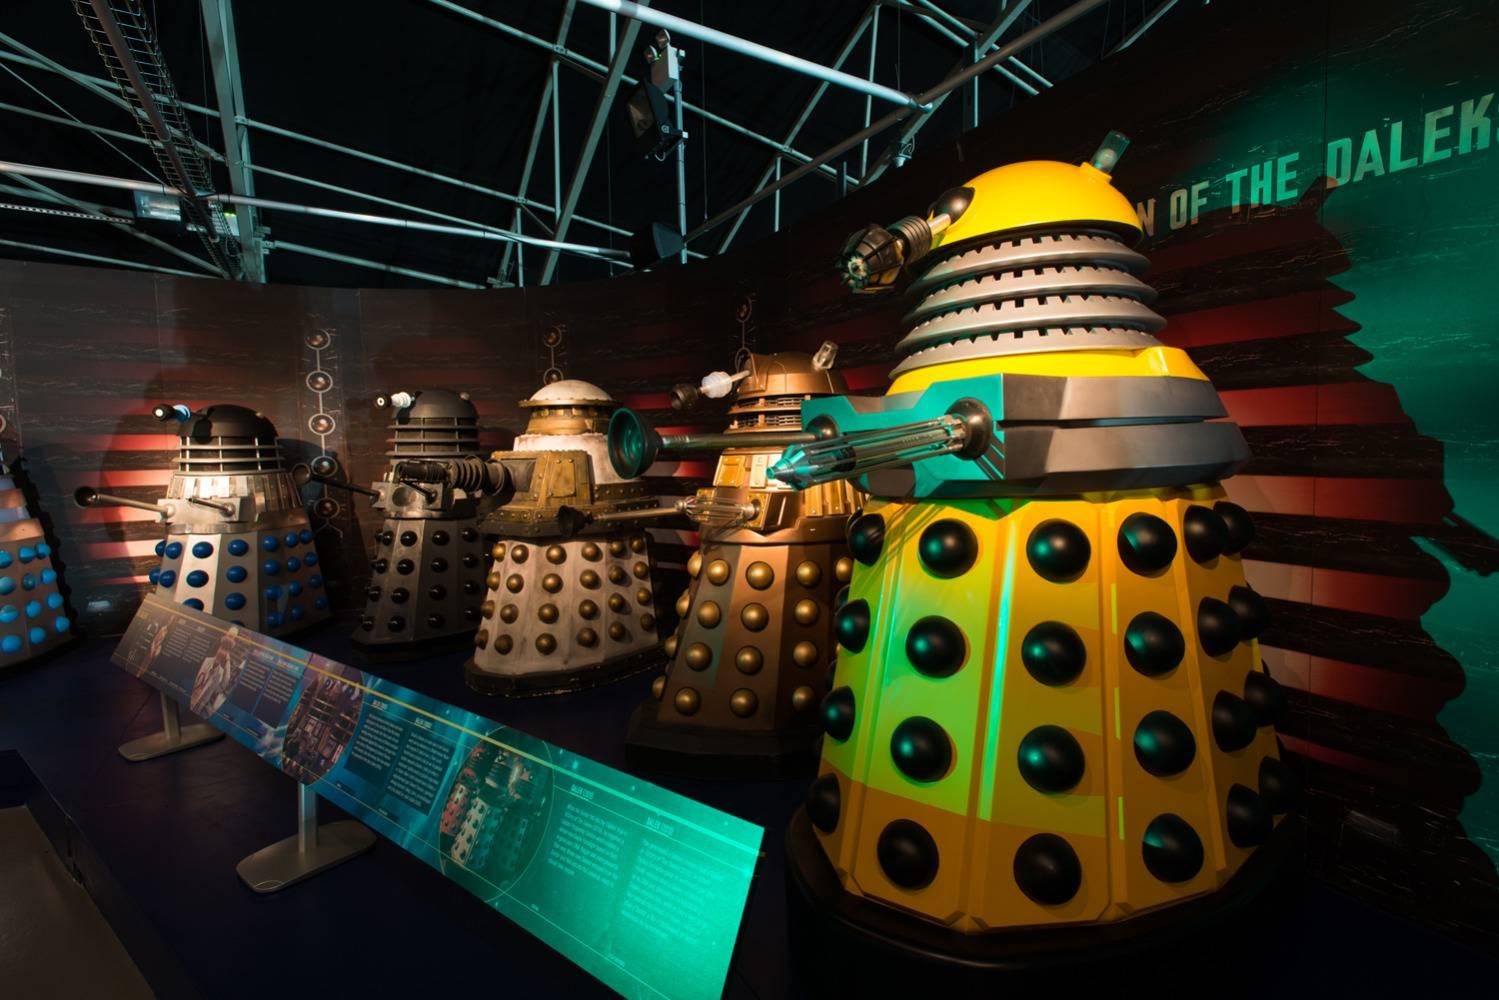 The Dalek line up